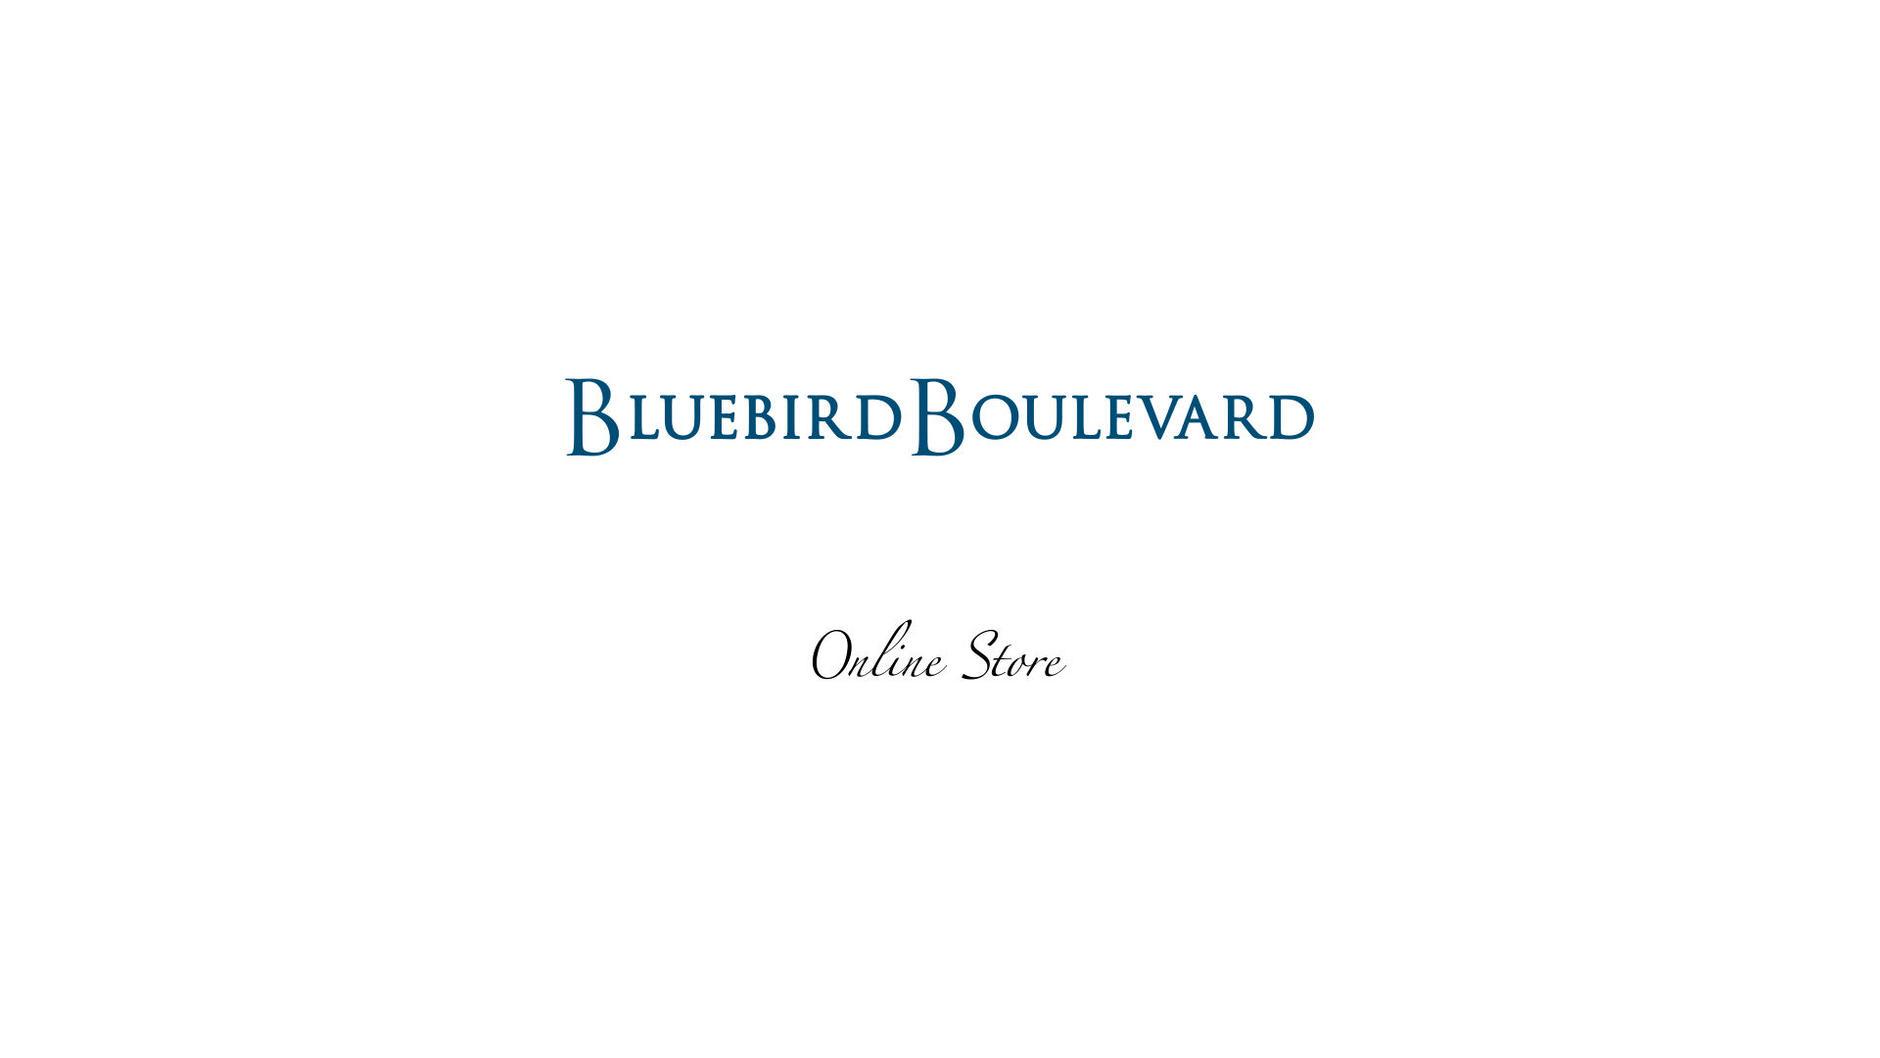 BLUEBIRD BOULEVARD Online Store